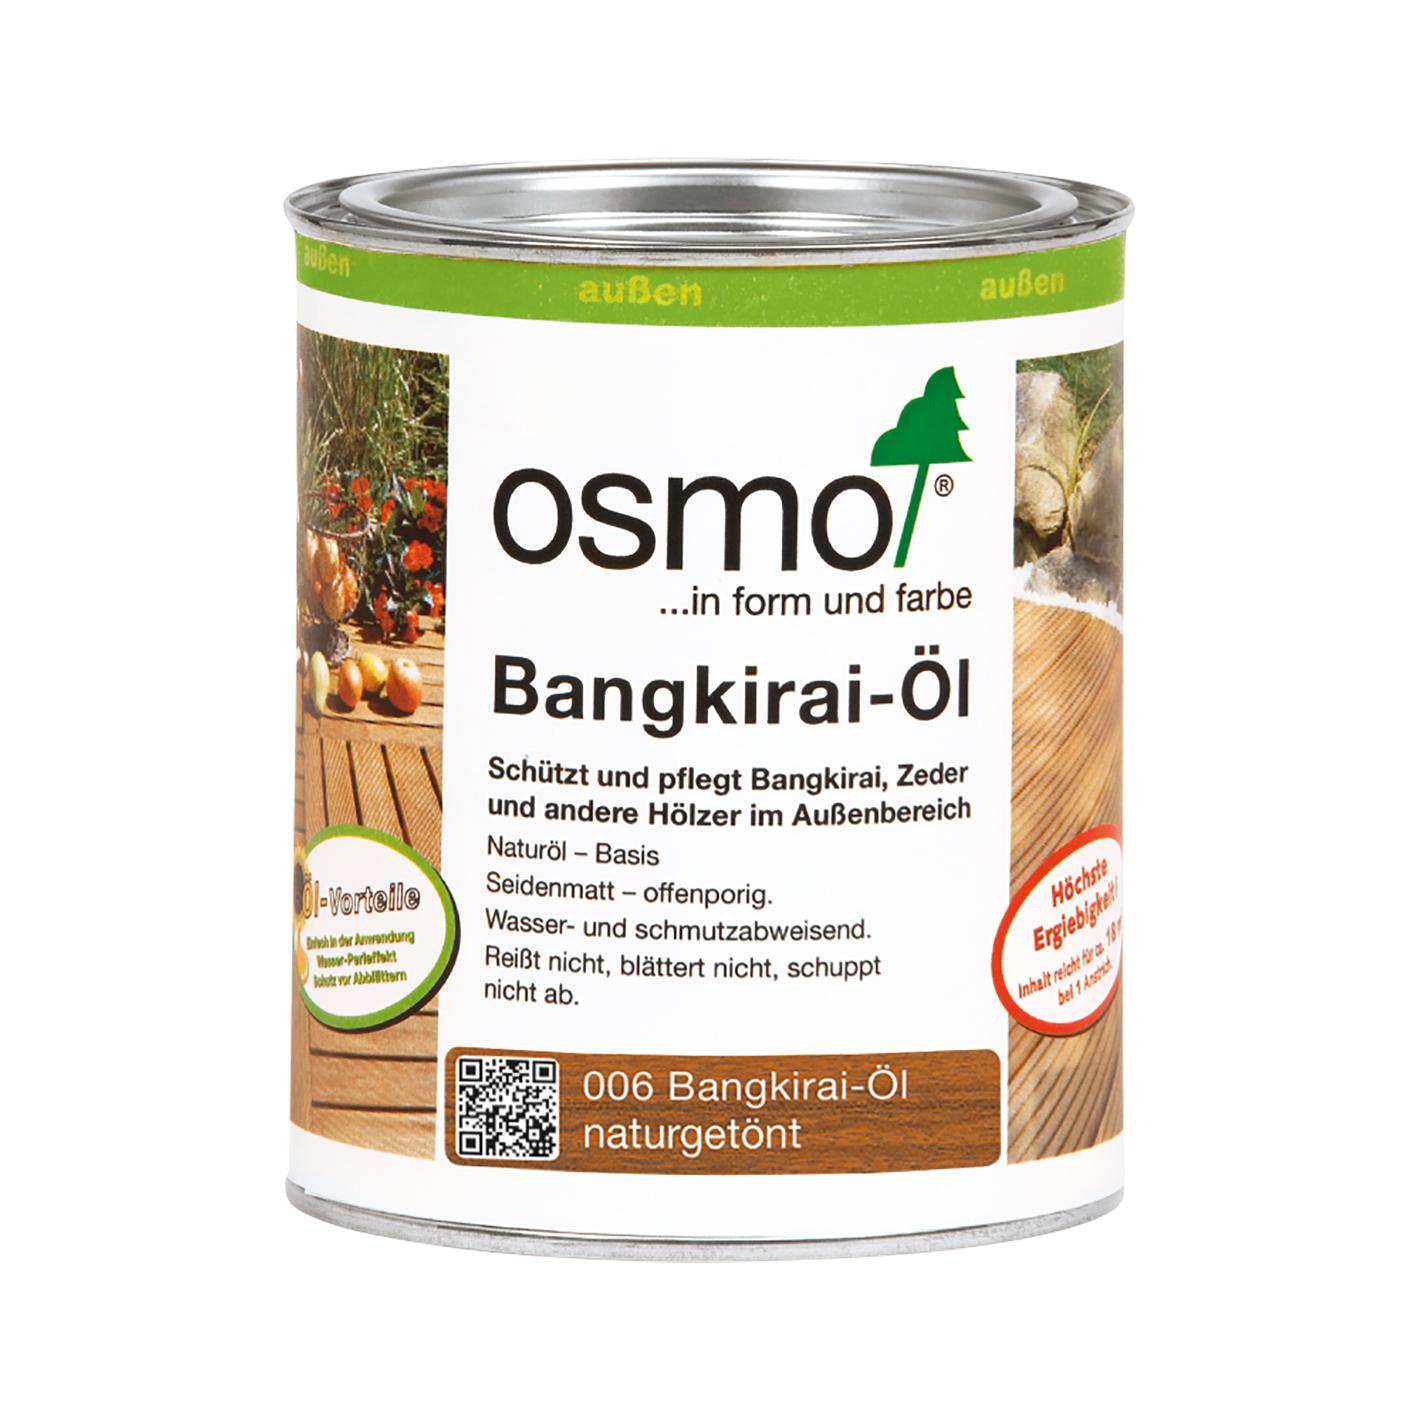 Osmo Bangkirai-Öl Natur 750ml